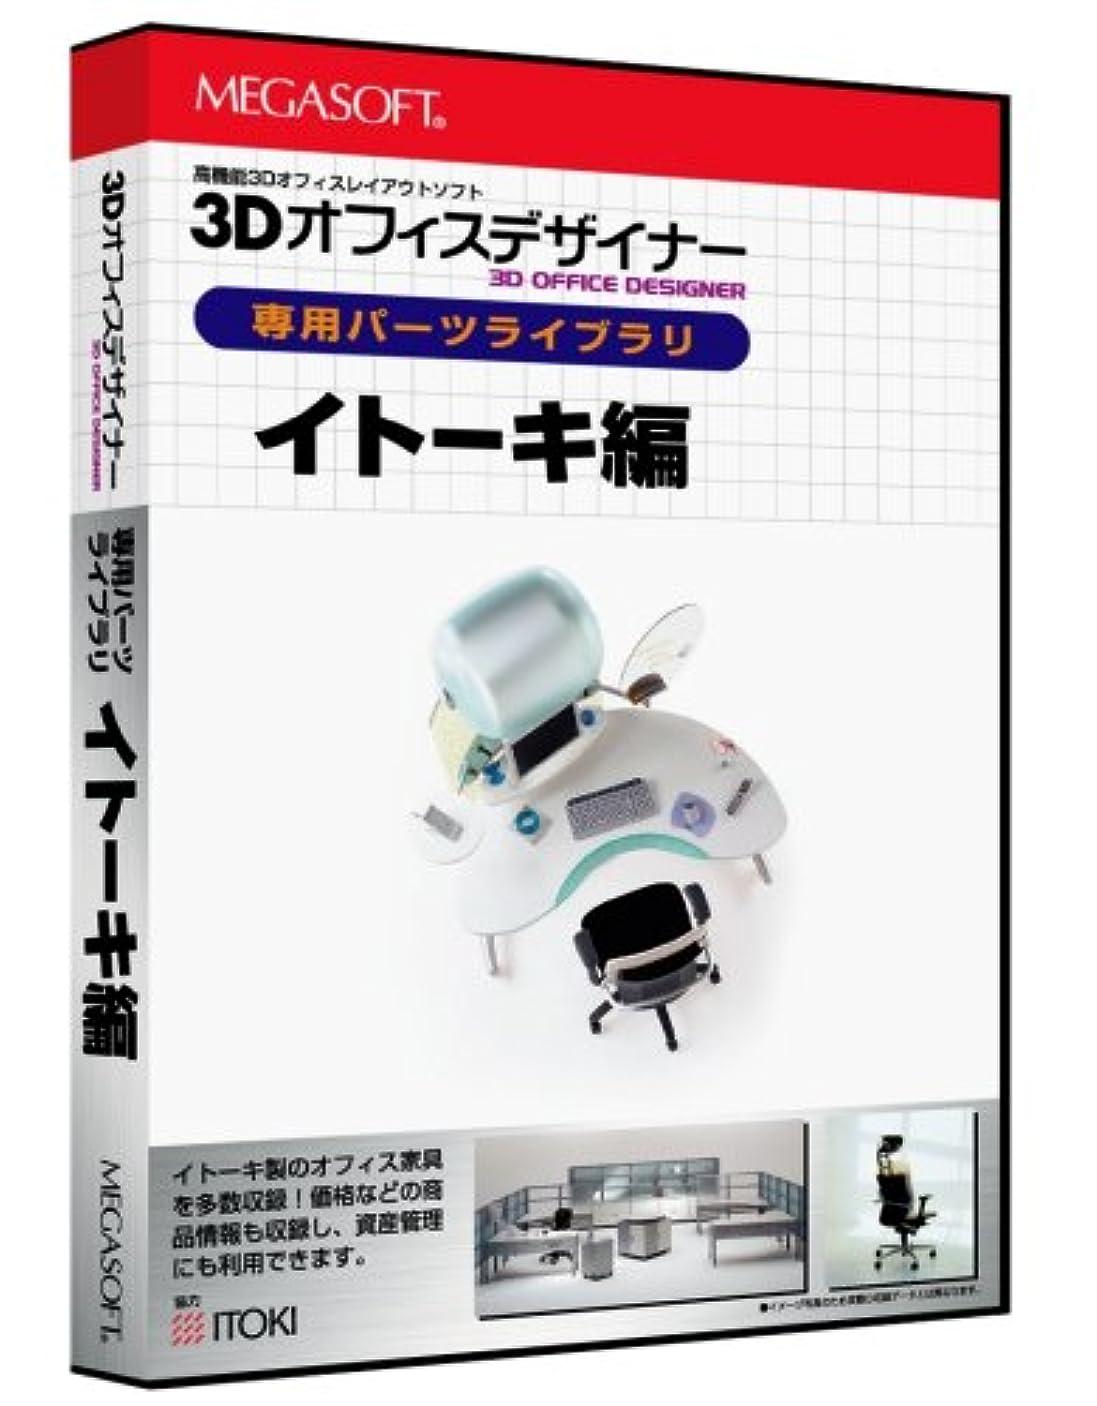 黒人断片カーフ3Dオフィスデザイナーシリーズ専用パーツライブラリ イトーキ編 Vol.2